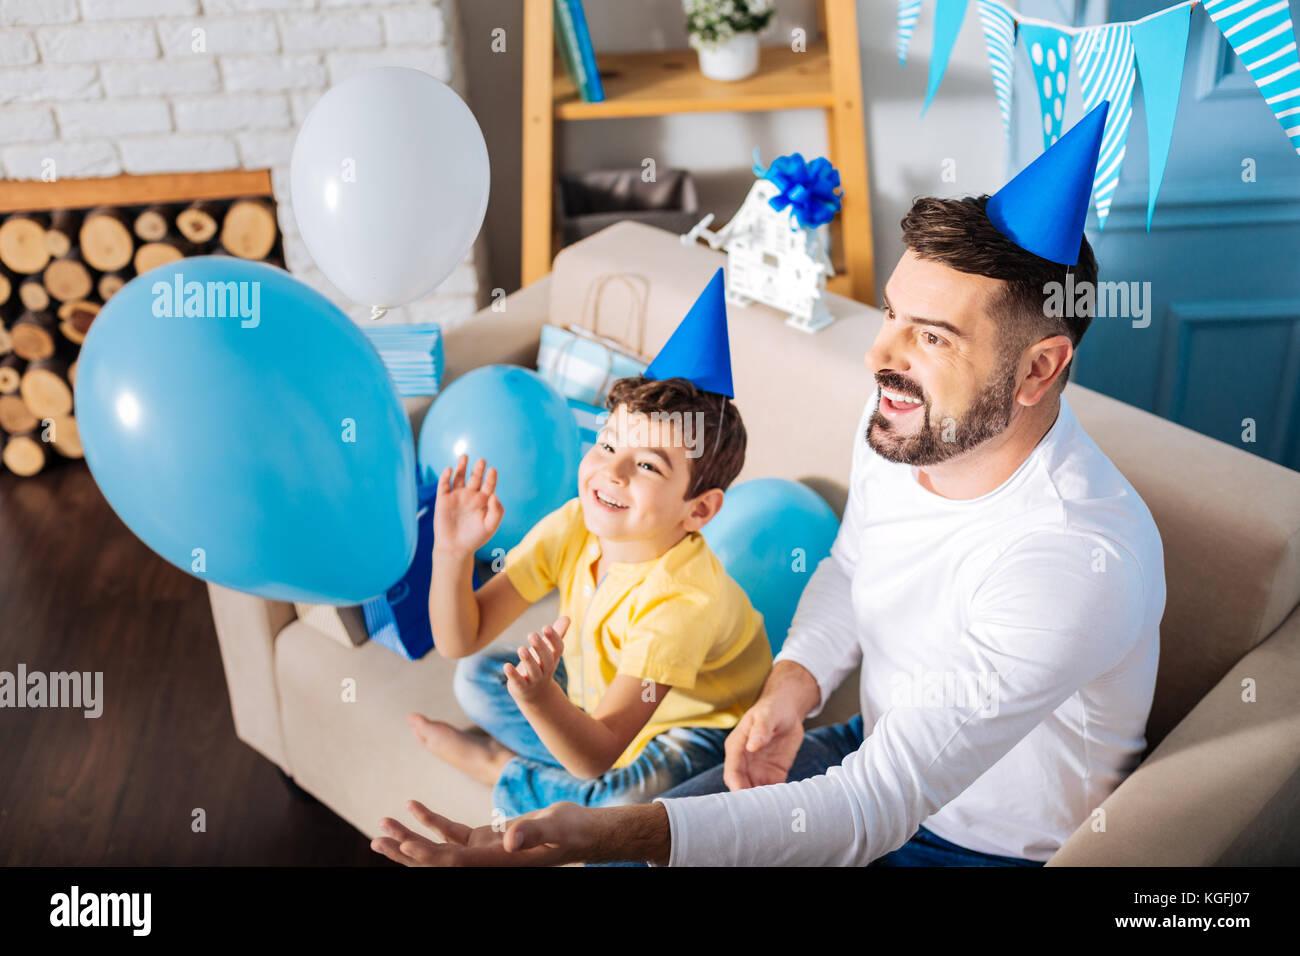 Gerne Vater und Sohn spielen mit Ballons am Geburtstag Stockbild